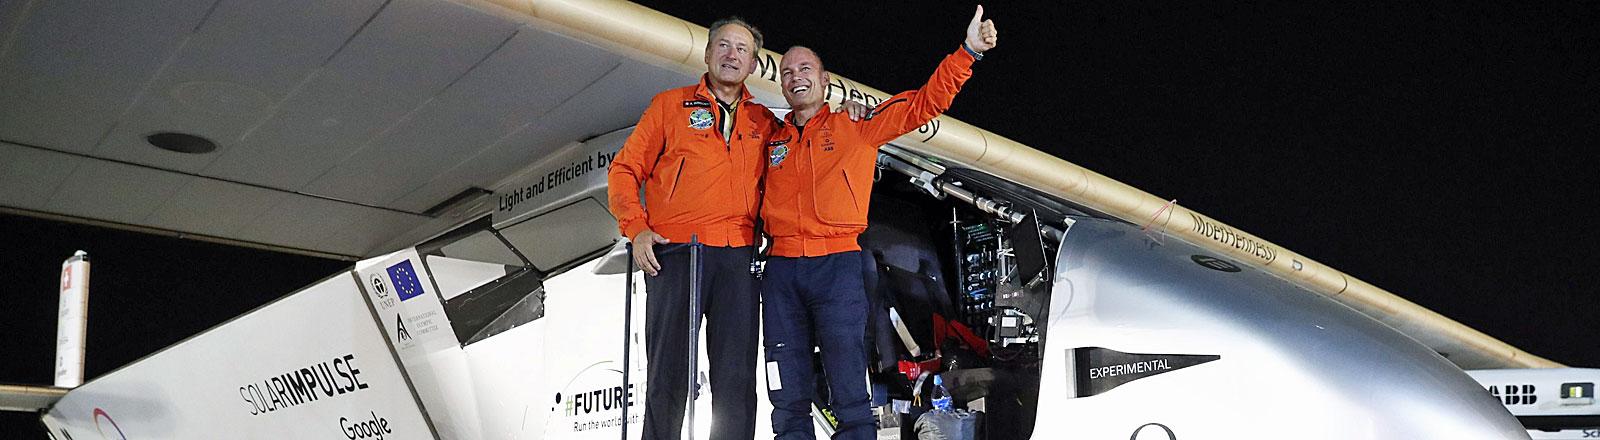 Bertrand Piccard und Andre Borschberg vor der Solar Impulse 2 nach deren Landung